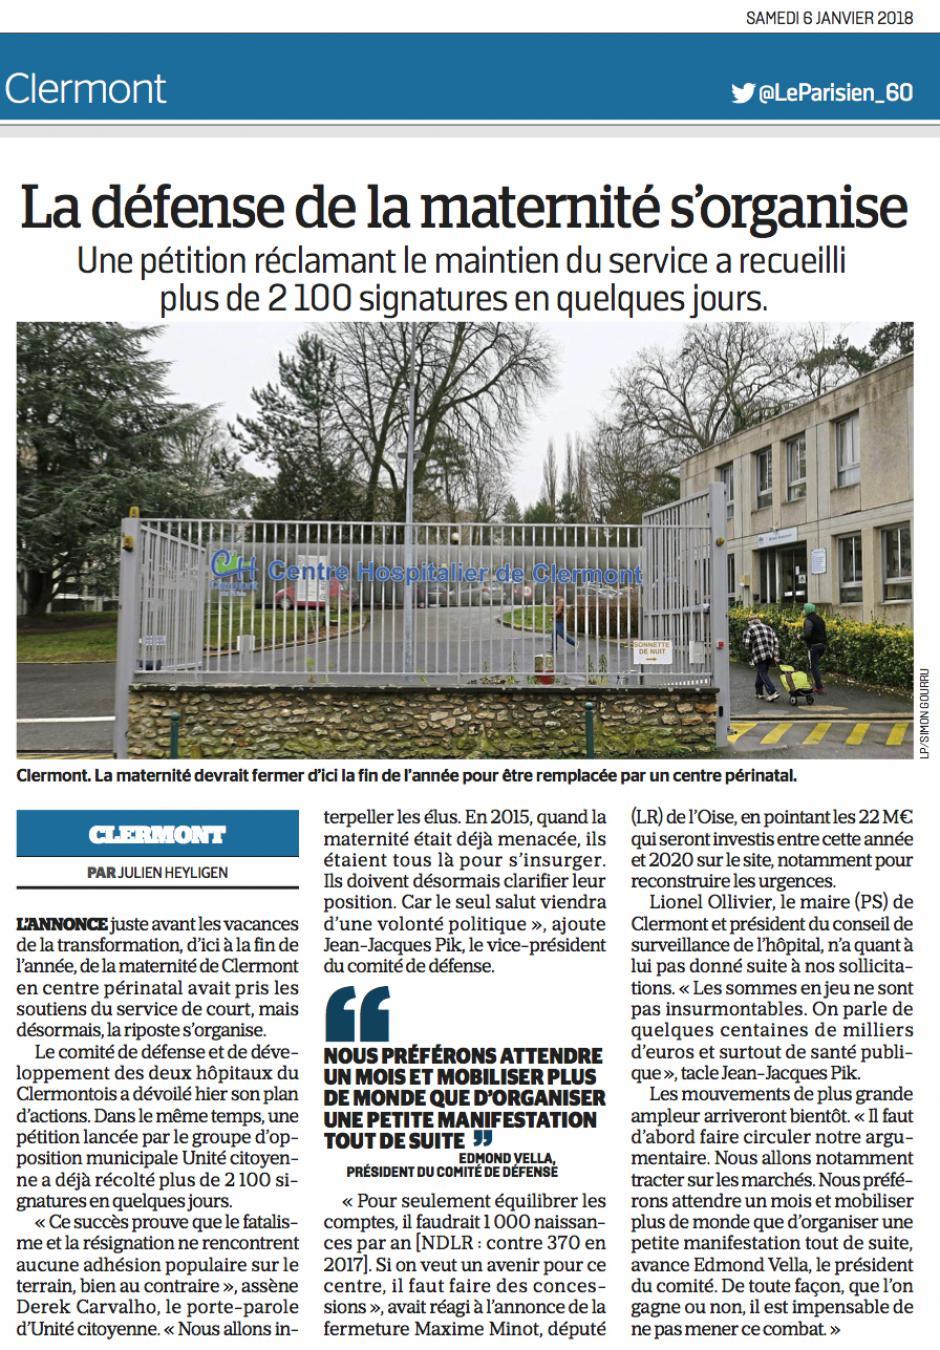 20180106-LeP-Clermont-La défense de la maternité s'organise